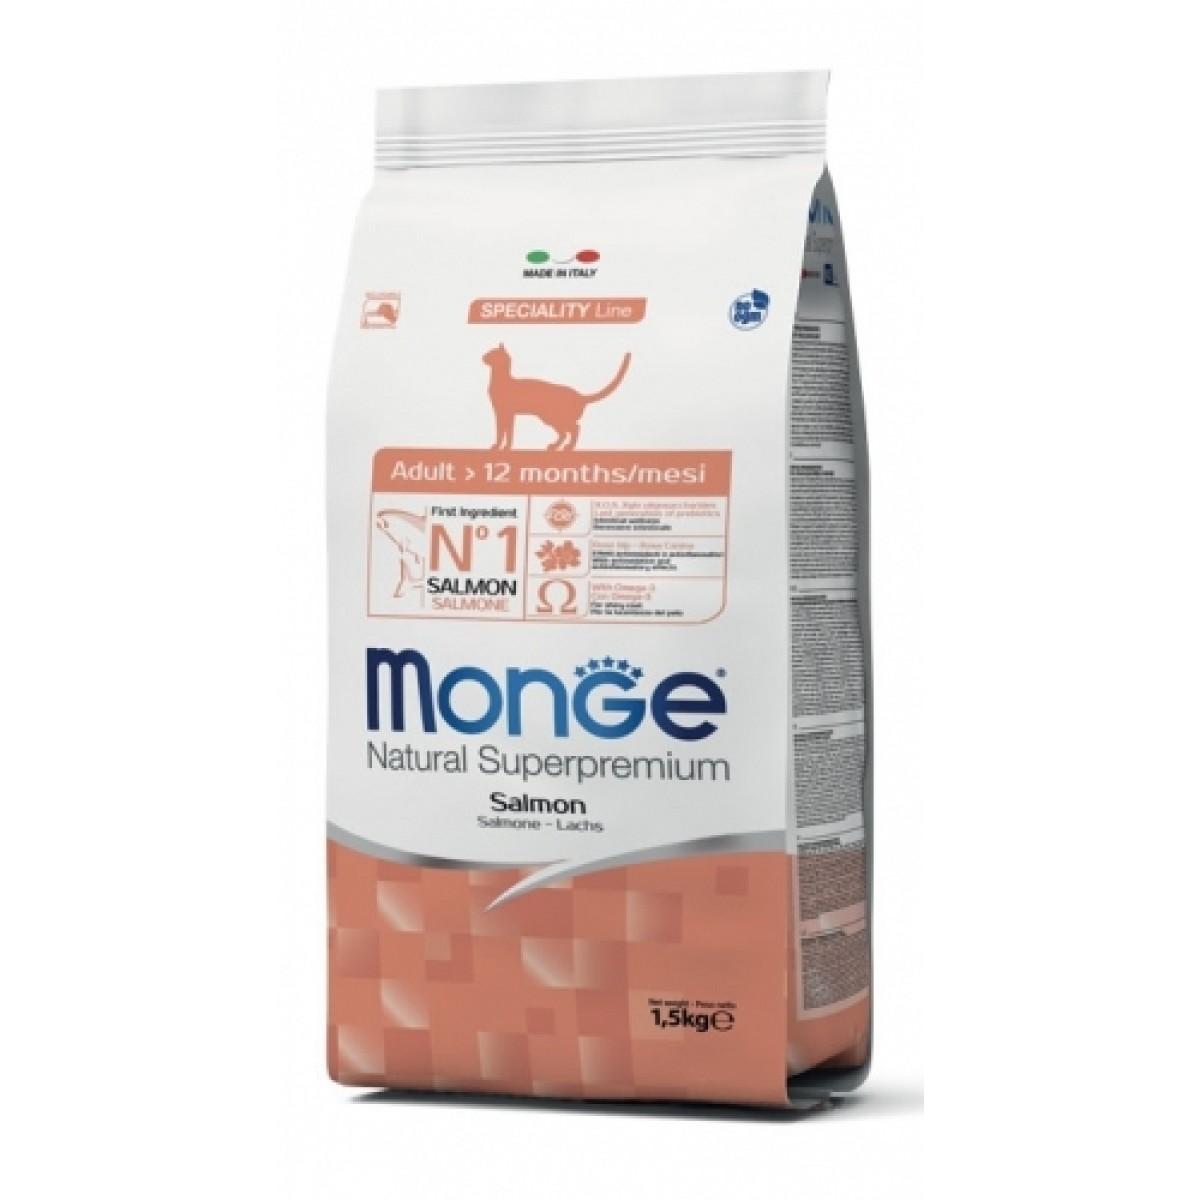 1f7474a282b MONGE CAT ADULT salmong 1.5g